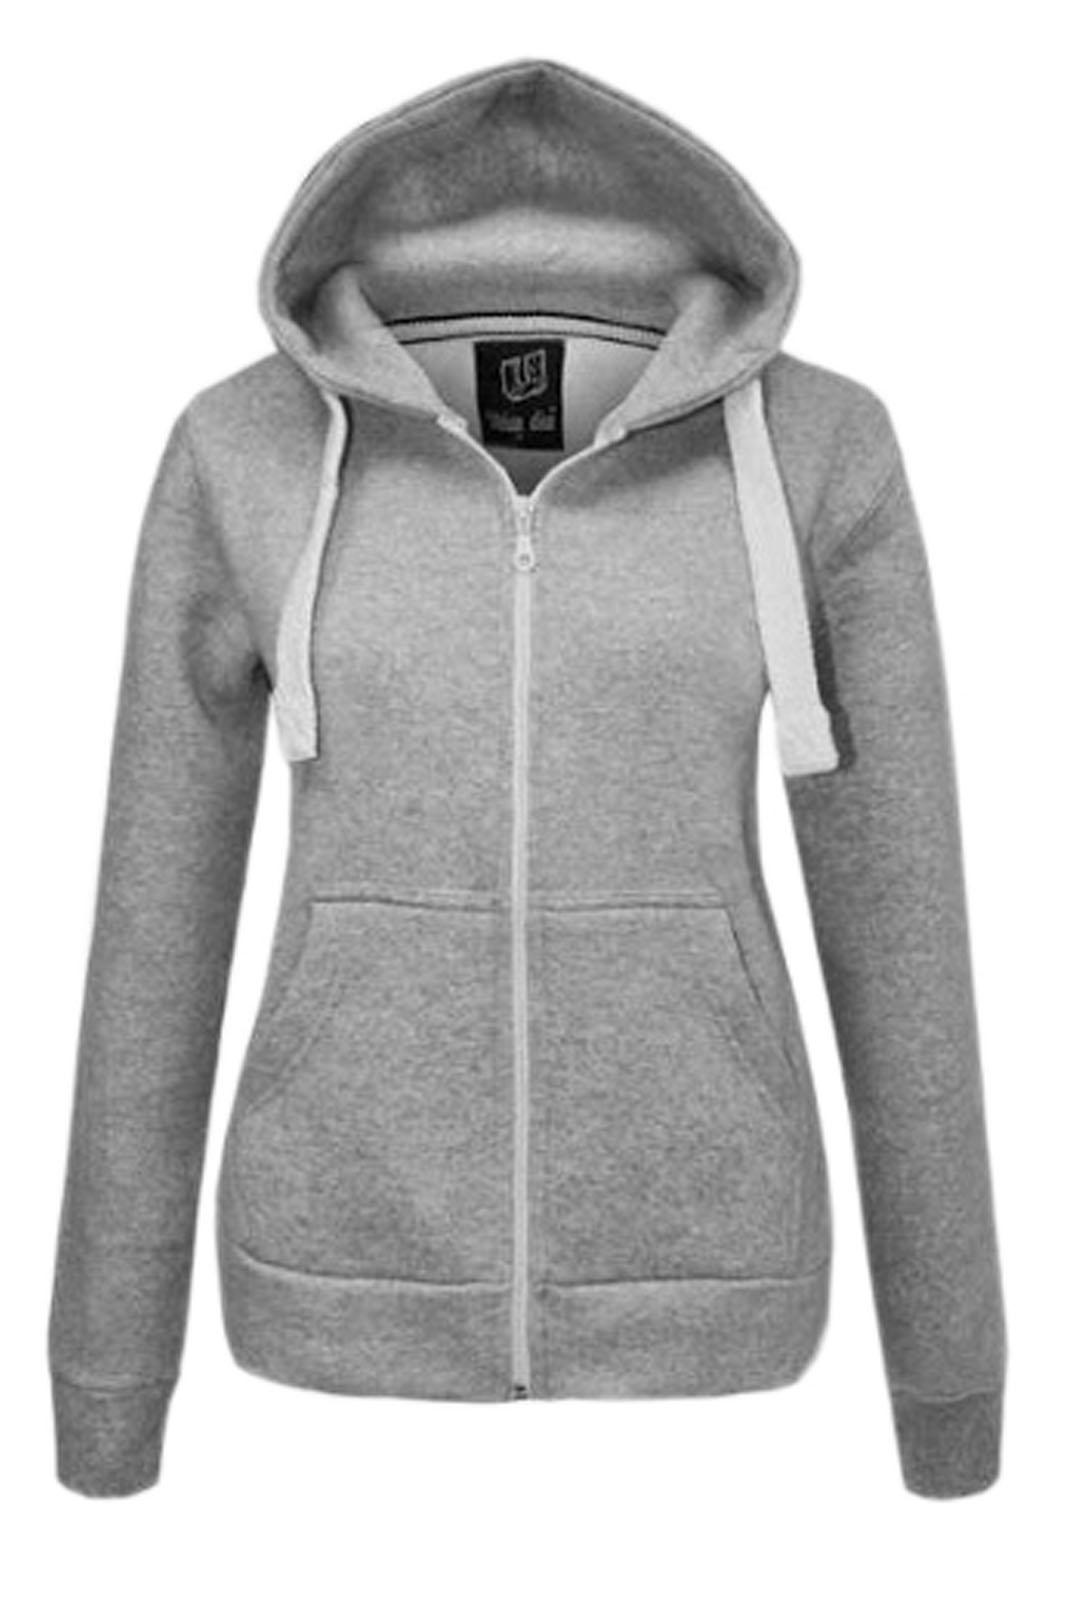 Womens sweat jackets